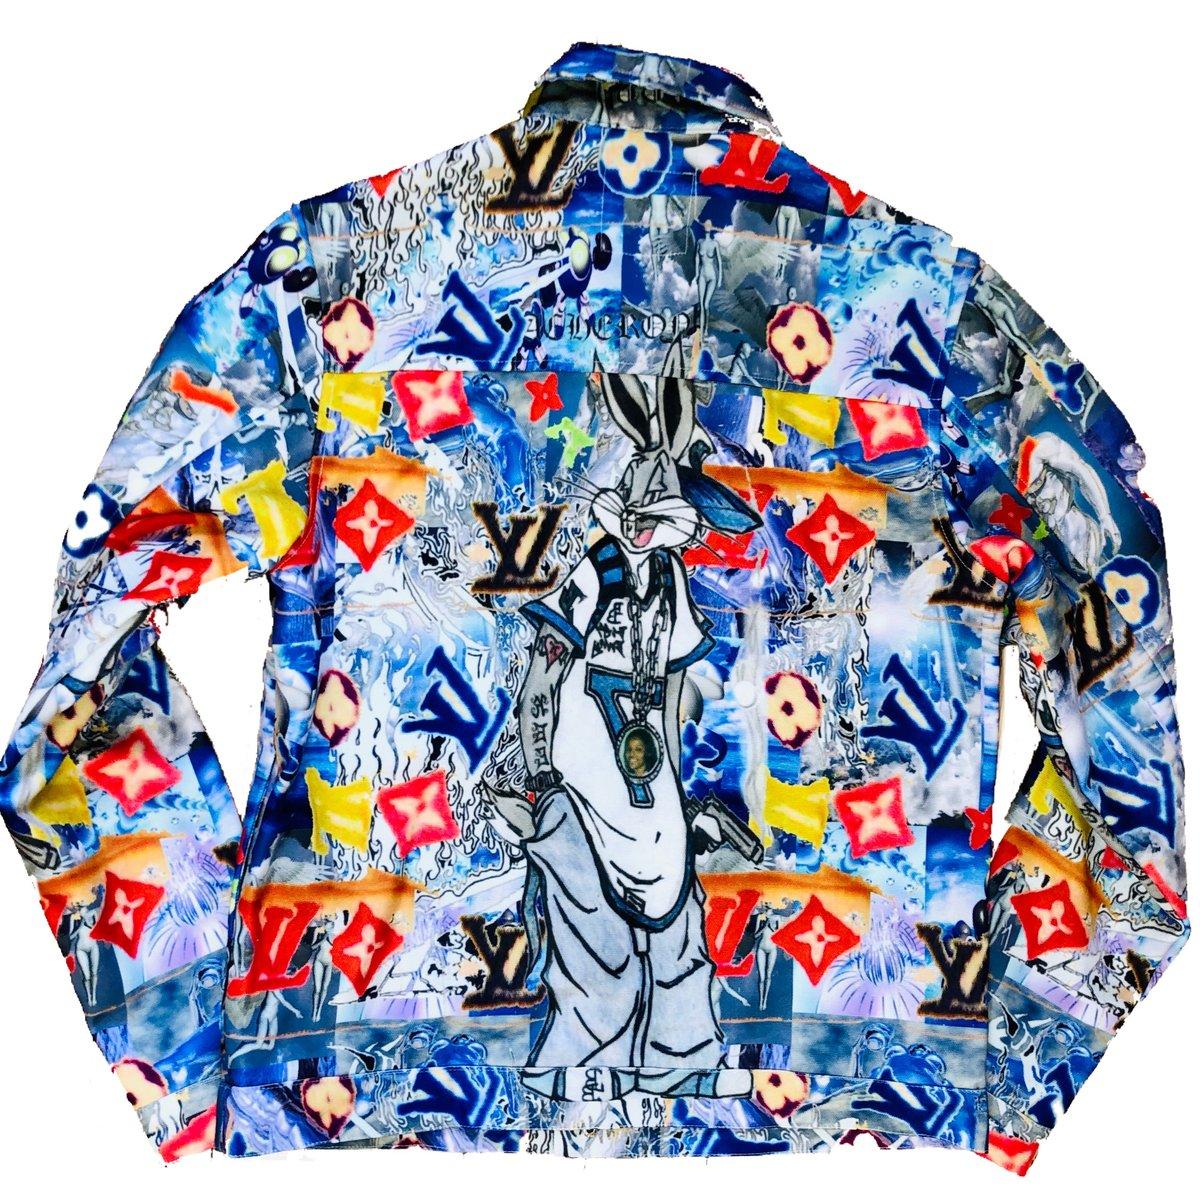 Image of The Rabbit Jacket